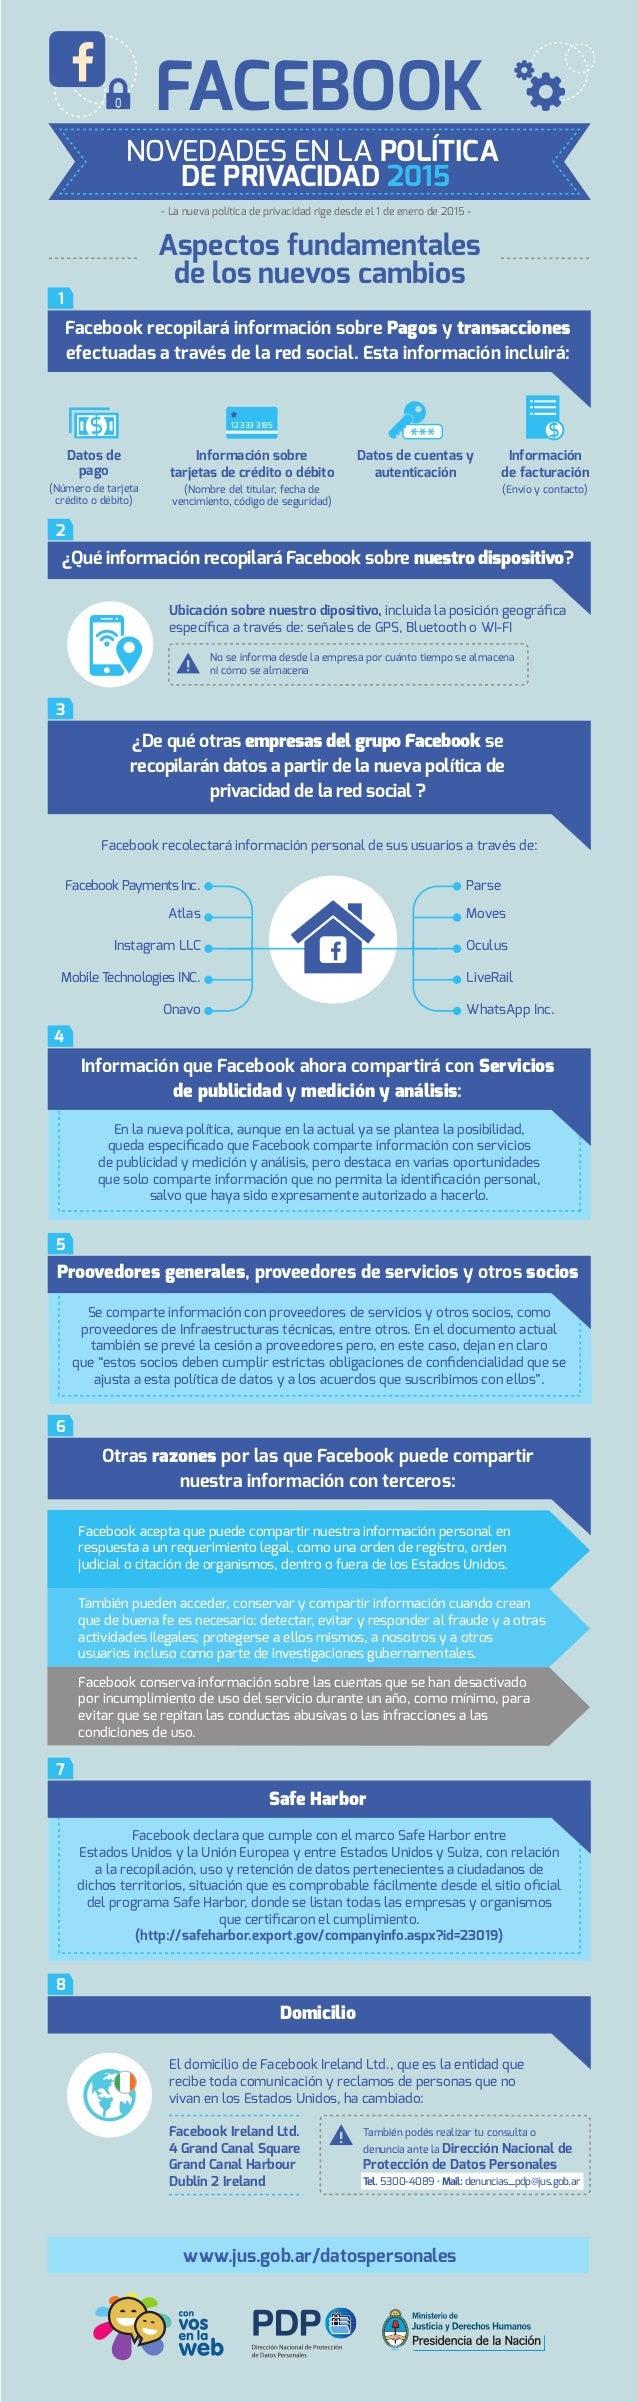 Novedades en la Política de Privacidad de Facebook 2015